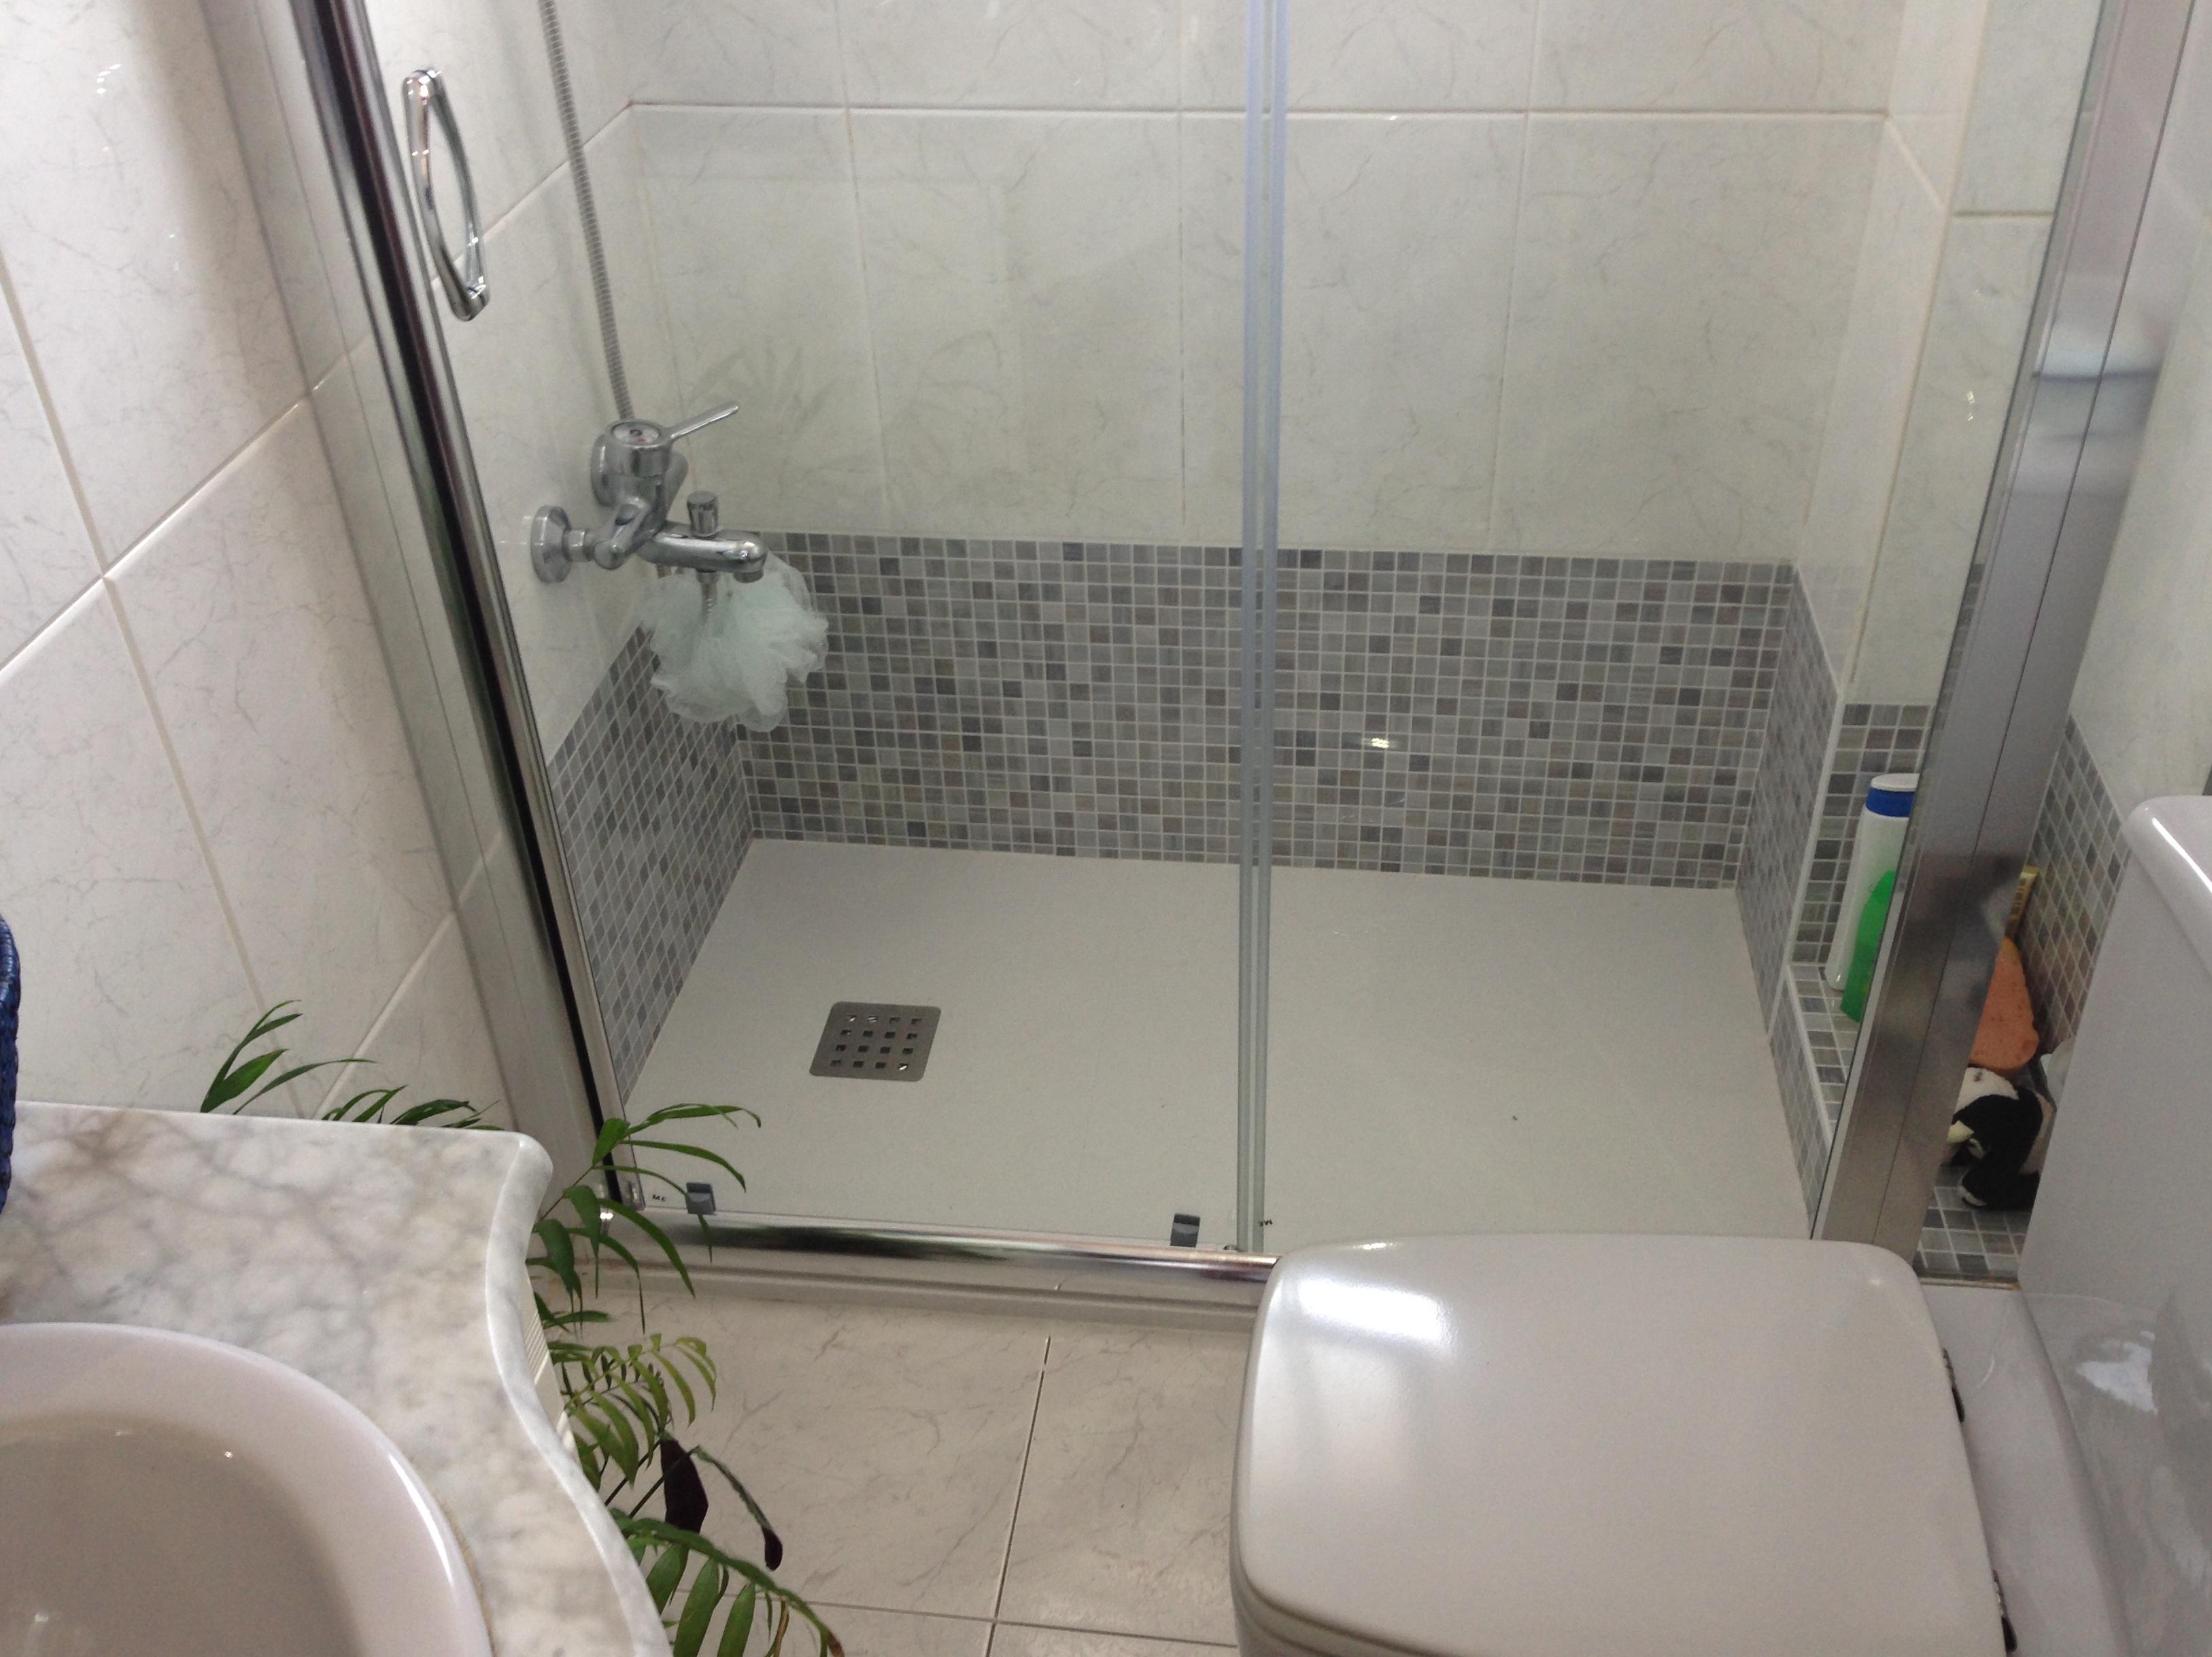 Cambio de ba era por plato de ducha trabajos realizados - Quitar banera y poner plato de ducha ...